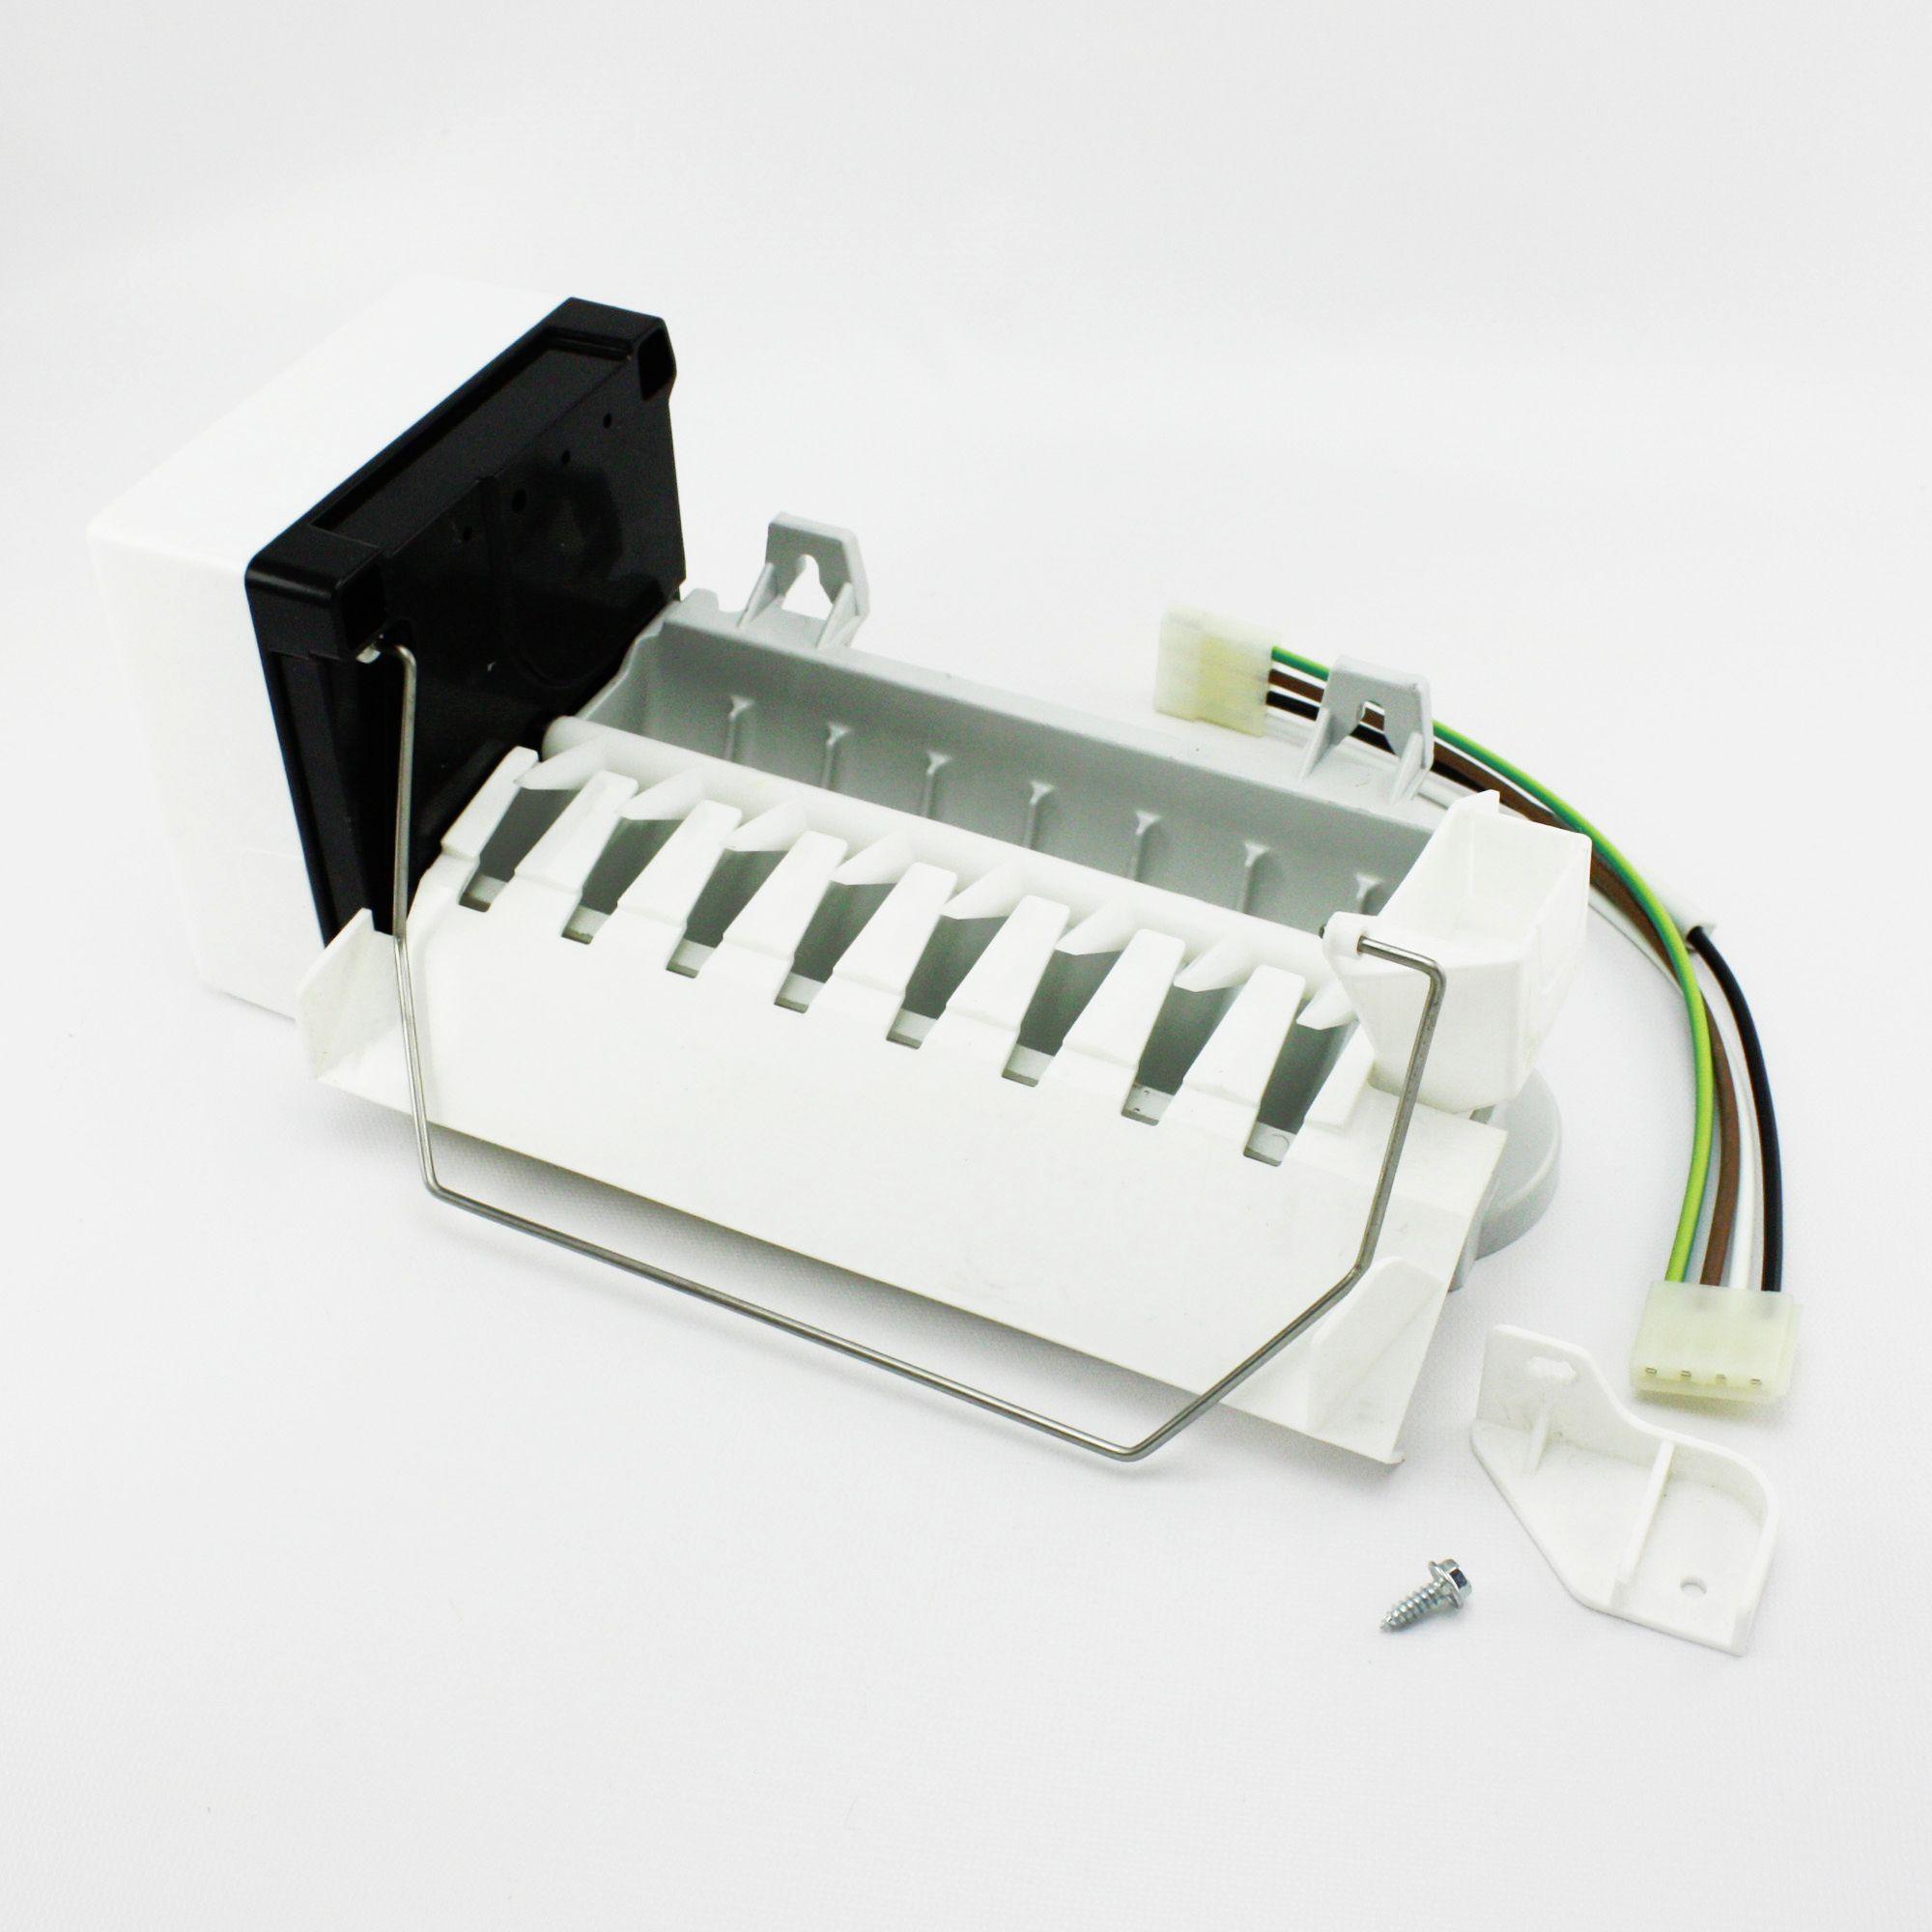 Rim597 For 2198597 Whirlpool Ice Maker Assembly Ebay